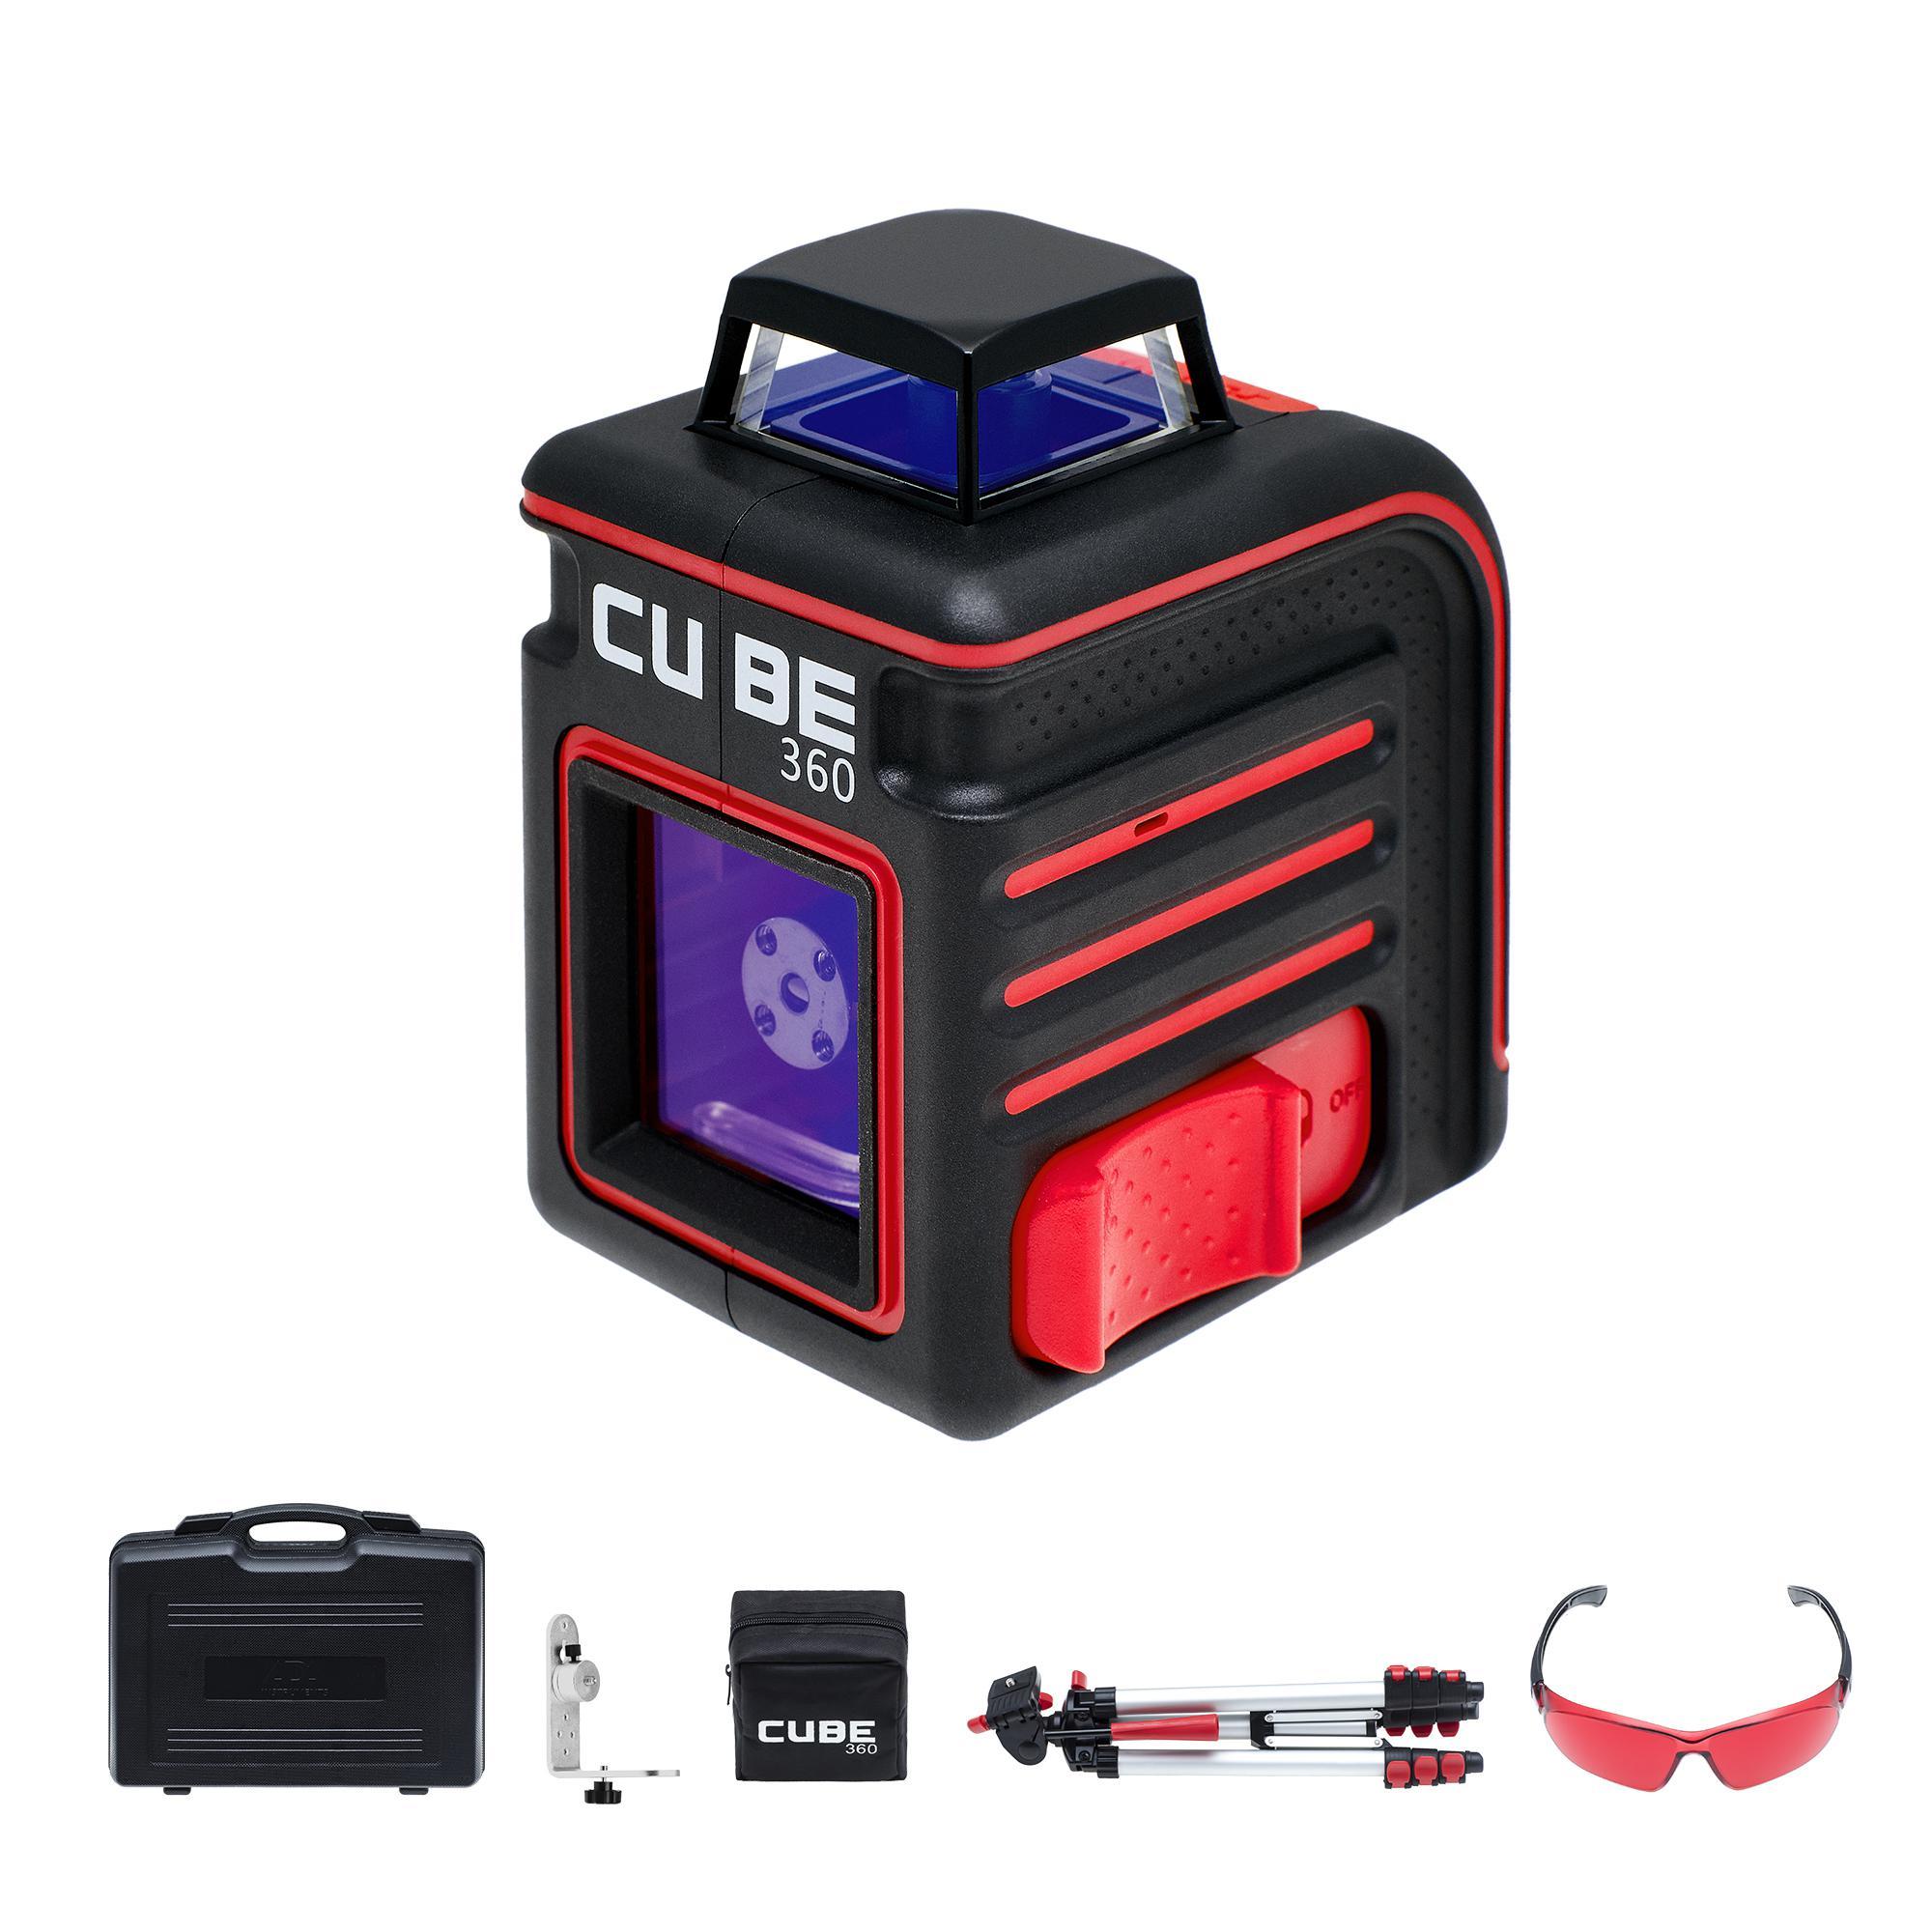 цена на Лазерный построитель плоскостей Ada Cube 360 ultimate edition